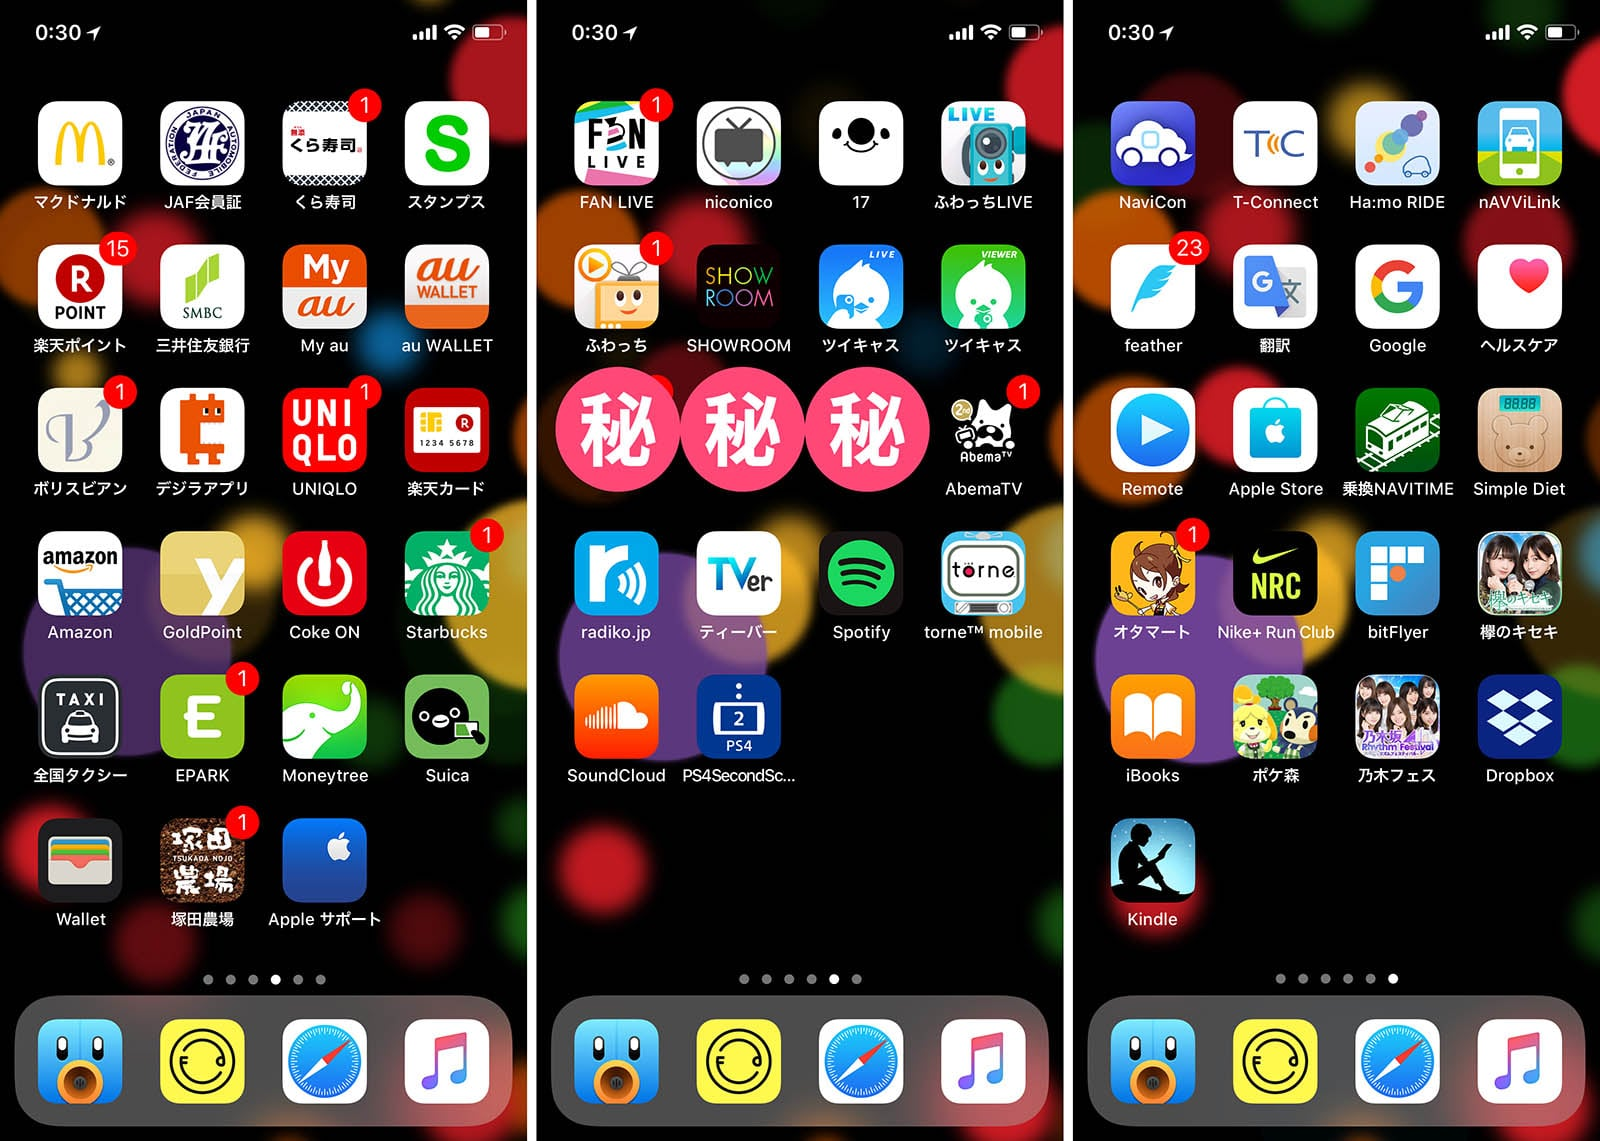 ぴったんのiPhone X・ホーム画面3〜5ページ目